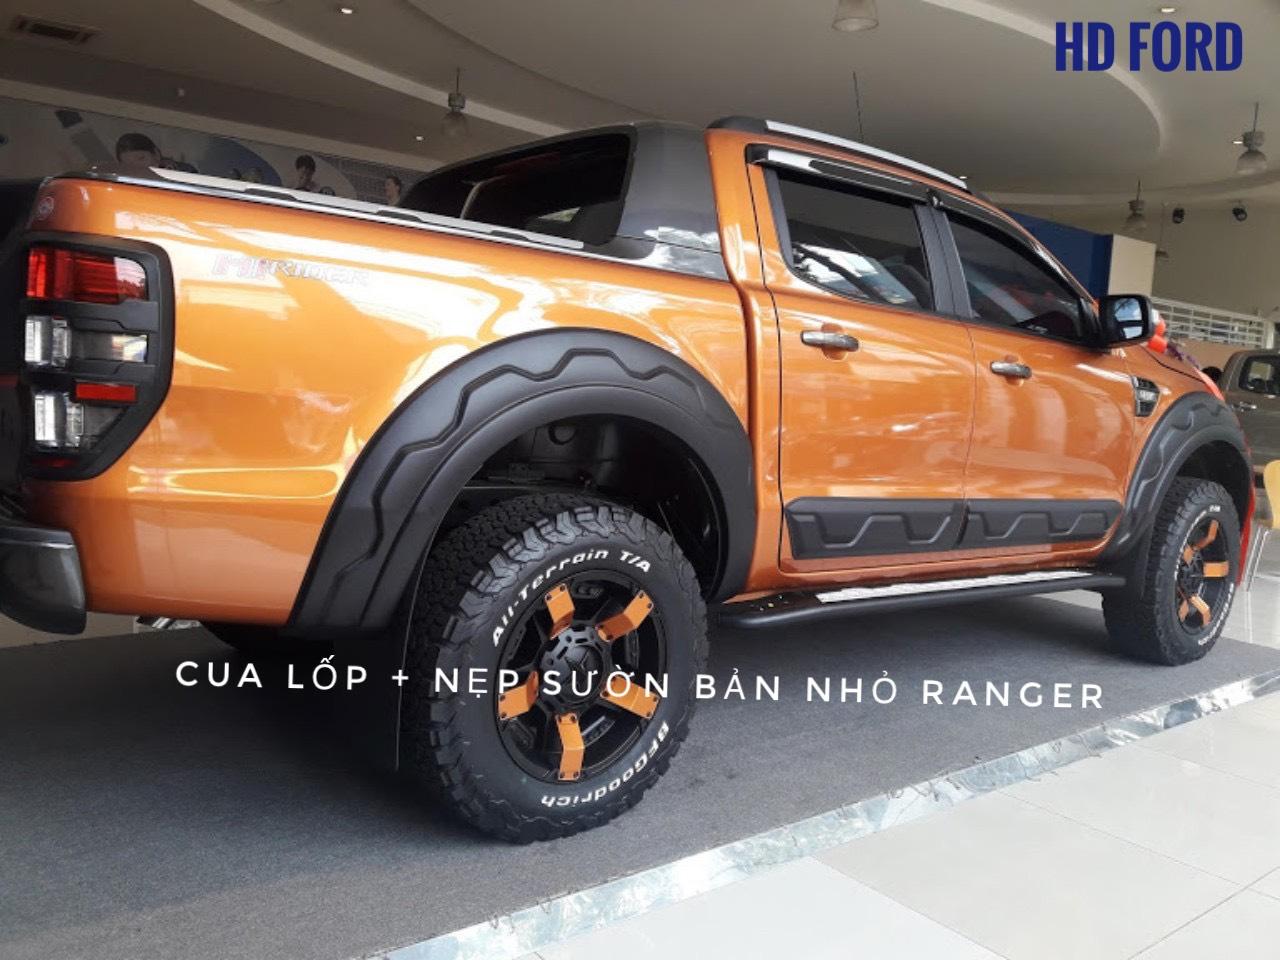 Cua lốp và nẹp sườn xe Ranger